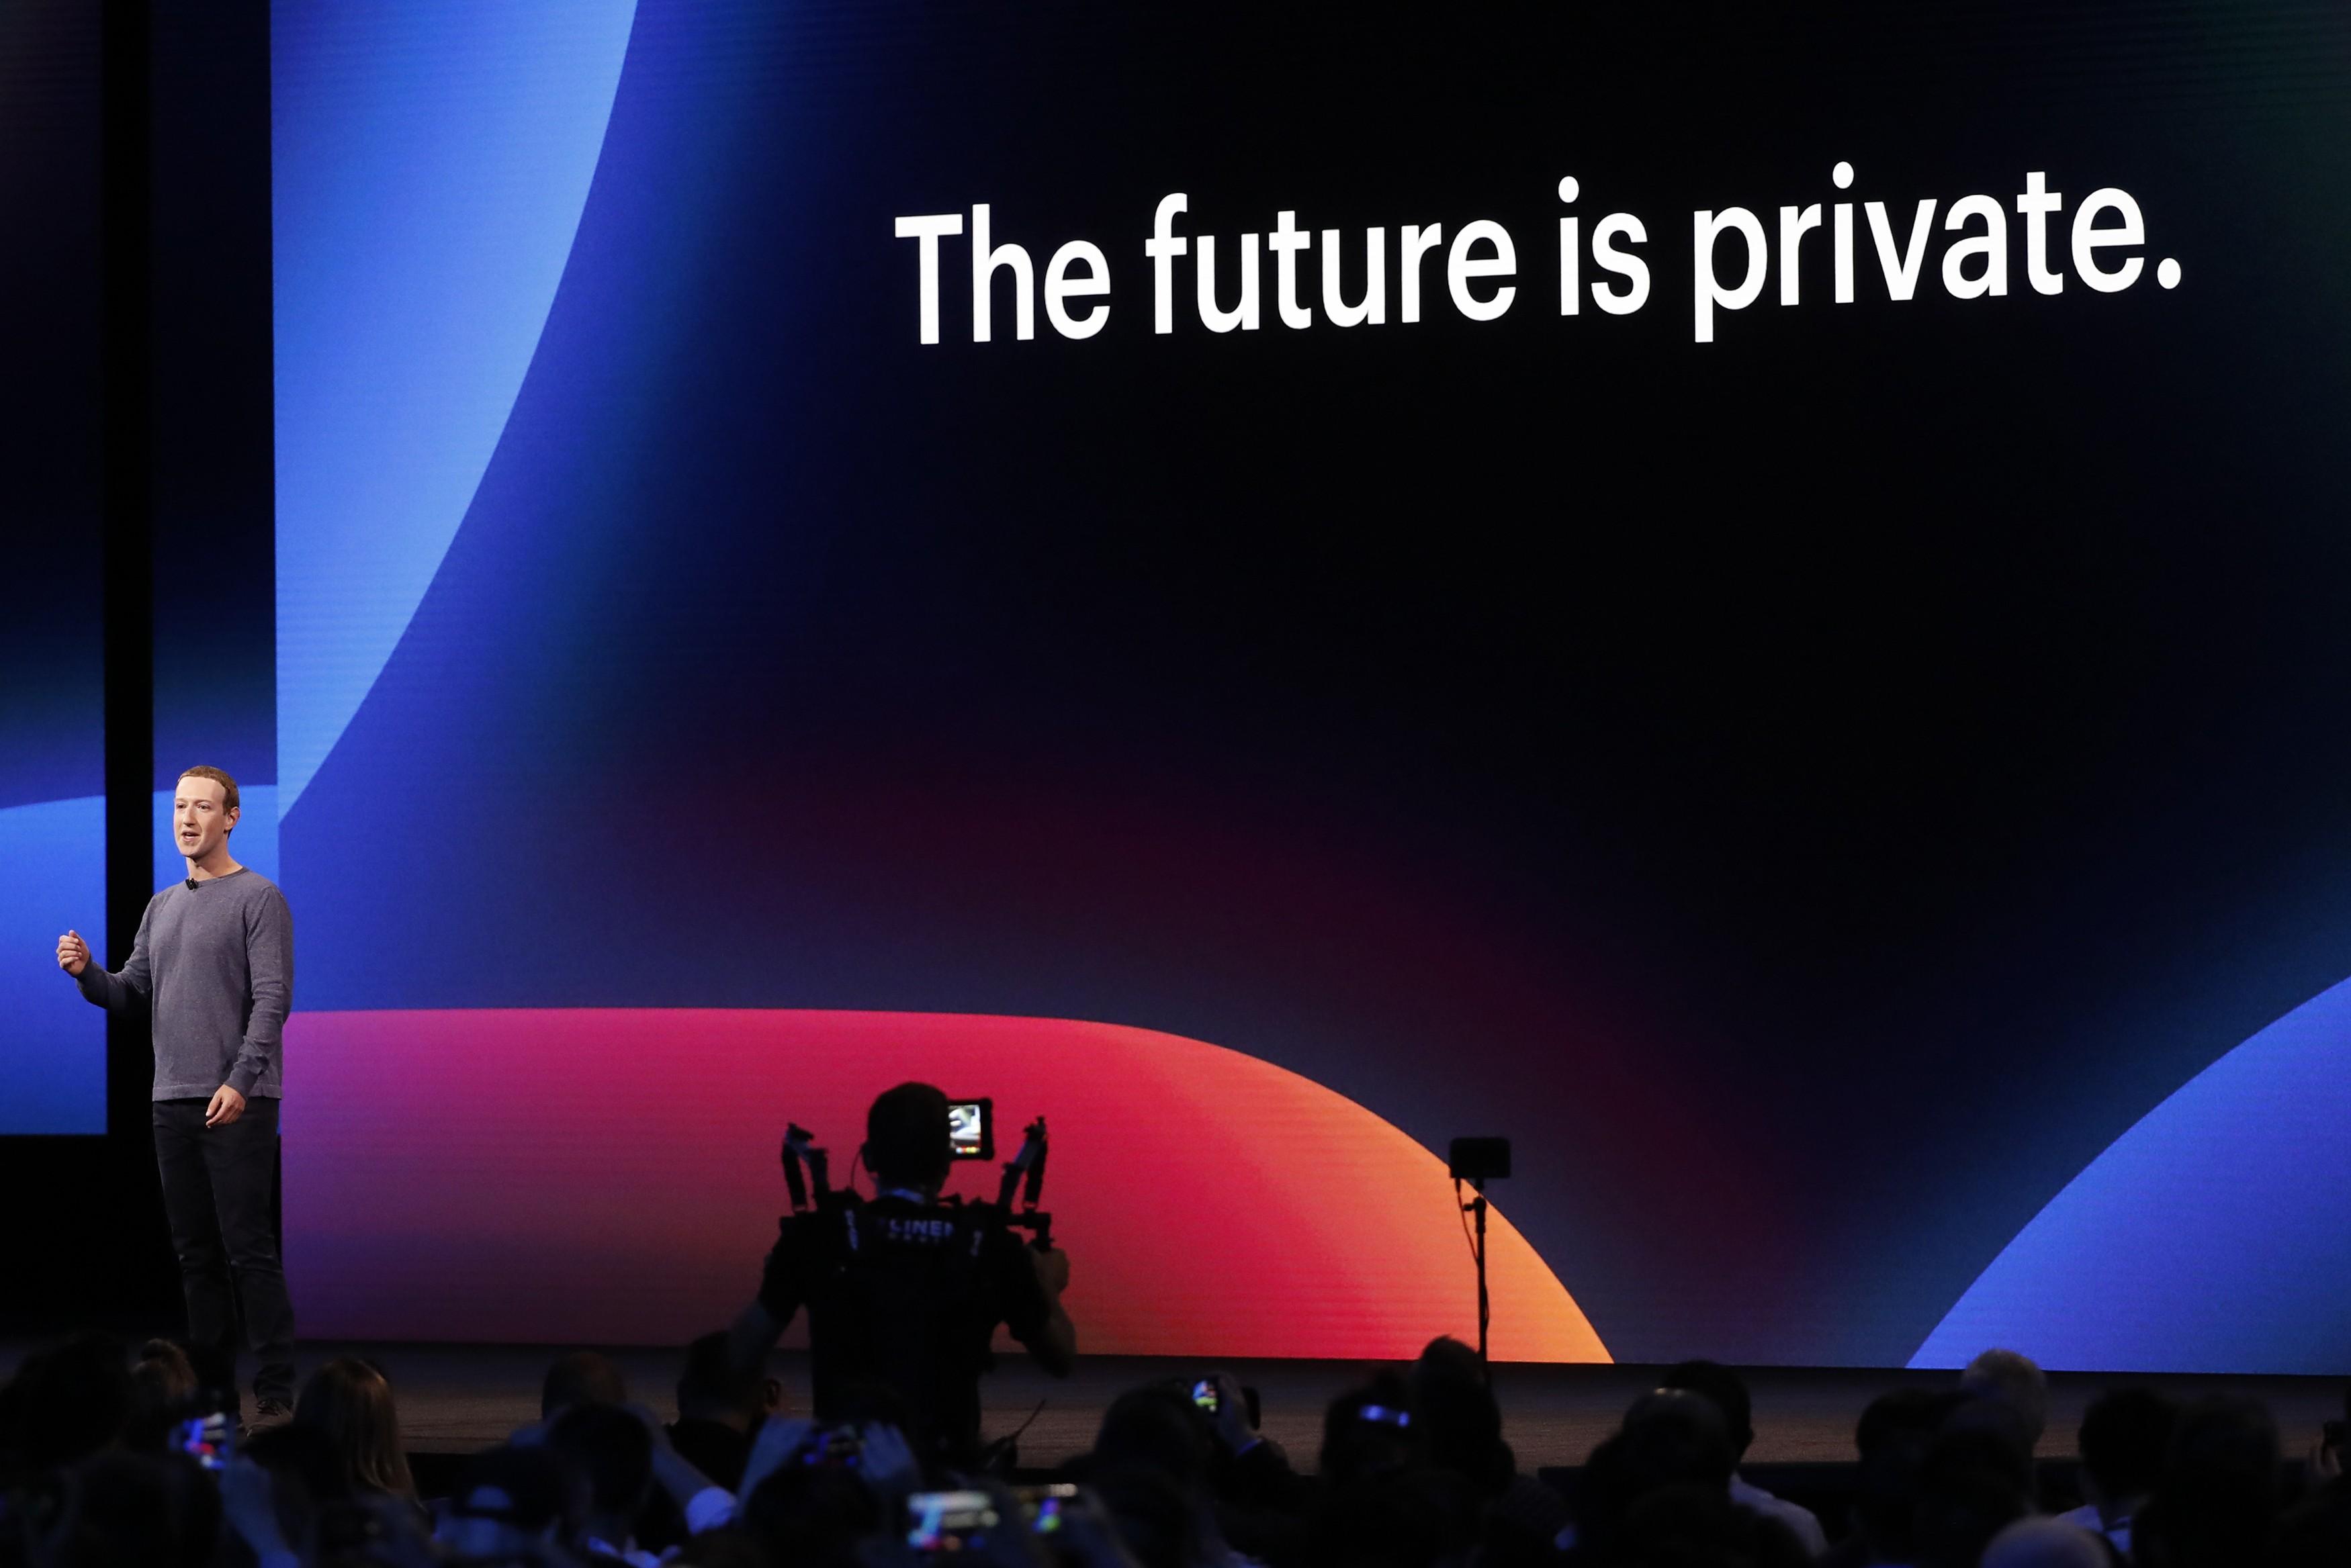 As empresas de tecnologia te escutam para vender publicidade? É mais provável que elas nem precisem - Notícias - Plantão Diário